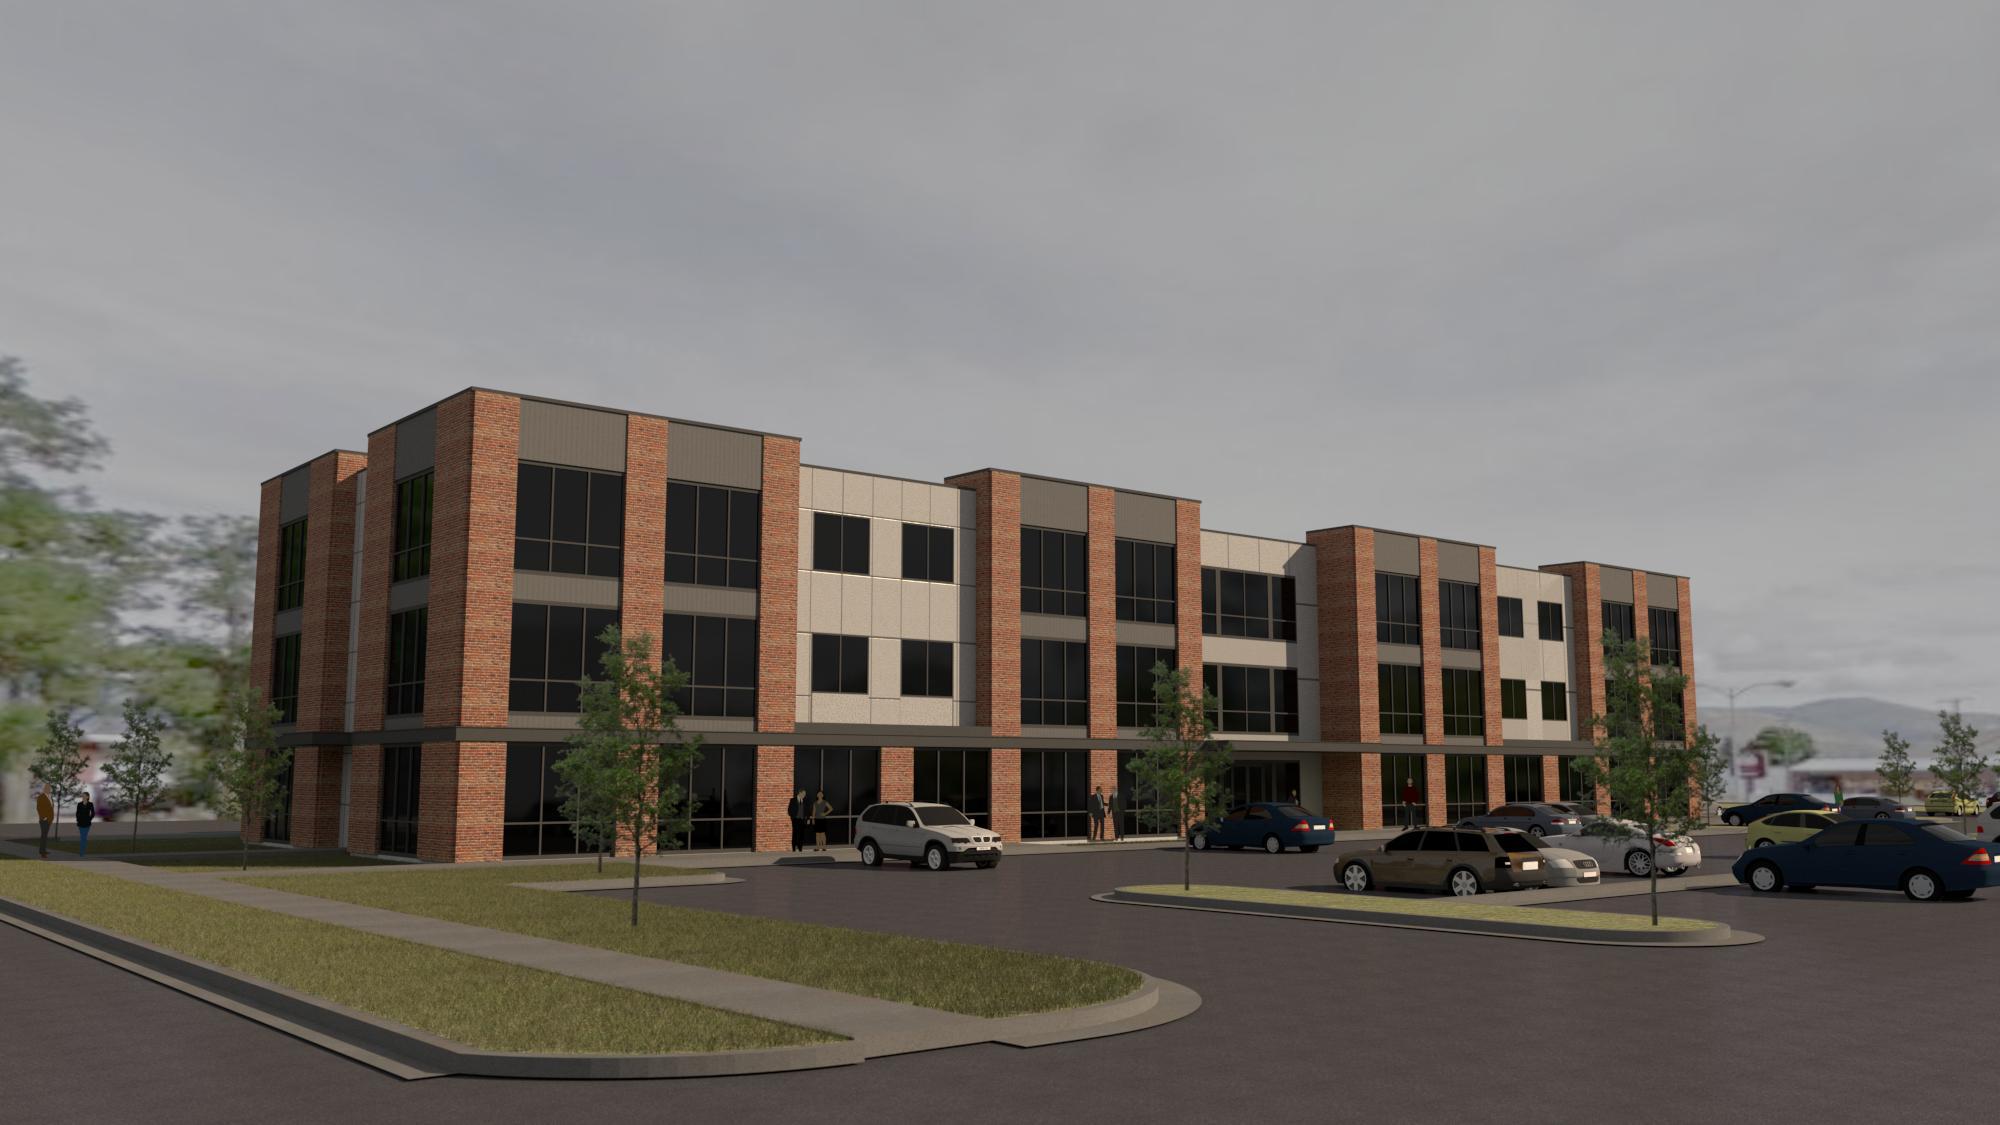 2315 Mcdonald Avenue Suite A, Missoula, MT 59801